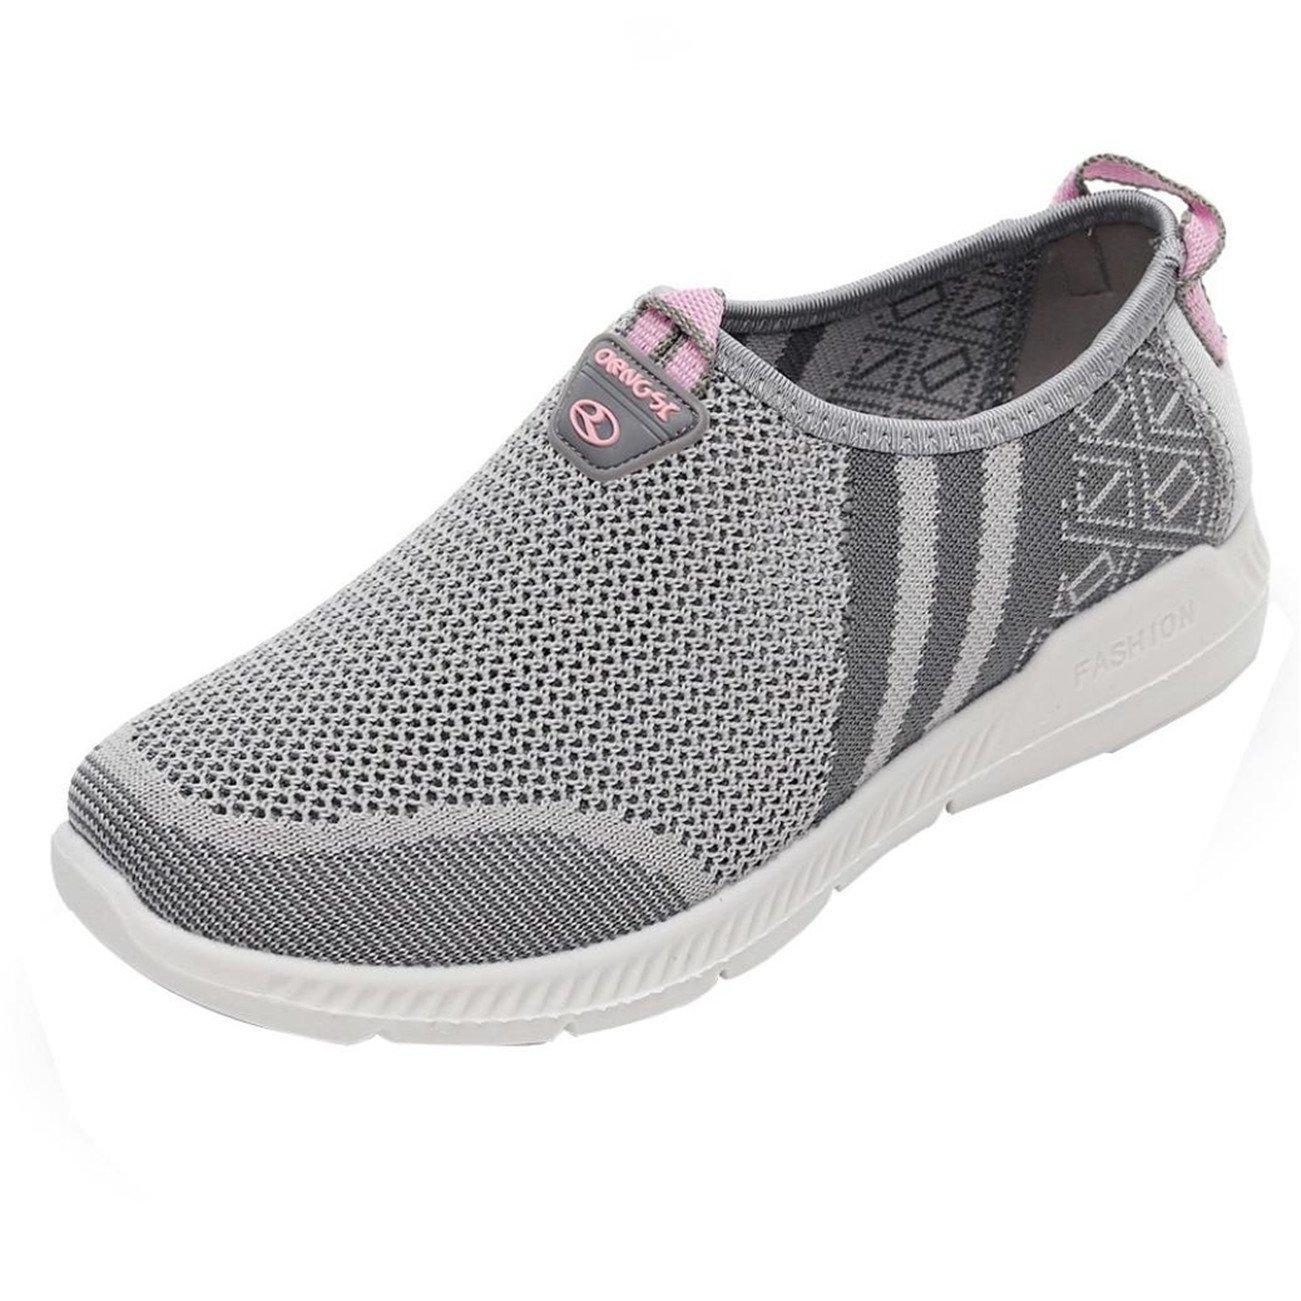 Chaussures Femme Chaussures De Sport Net Chaussures Talon Plat Trou Respirante Maille Style DéContracté Femmes